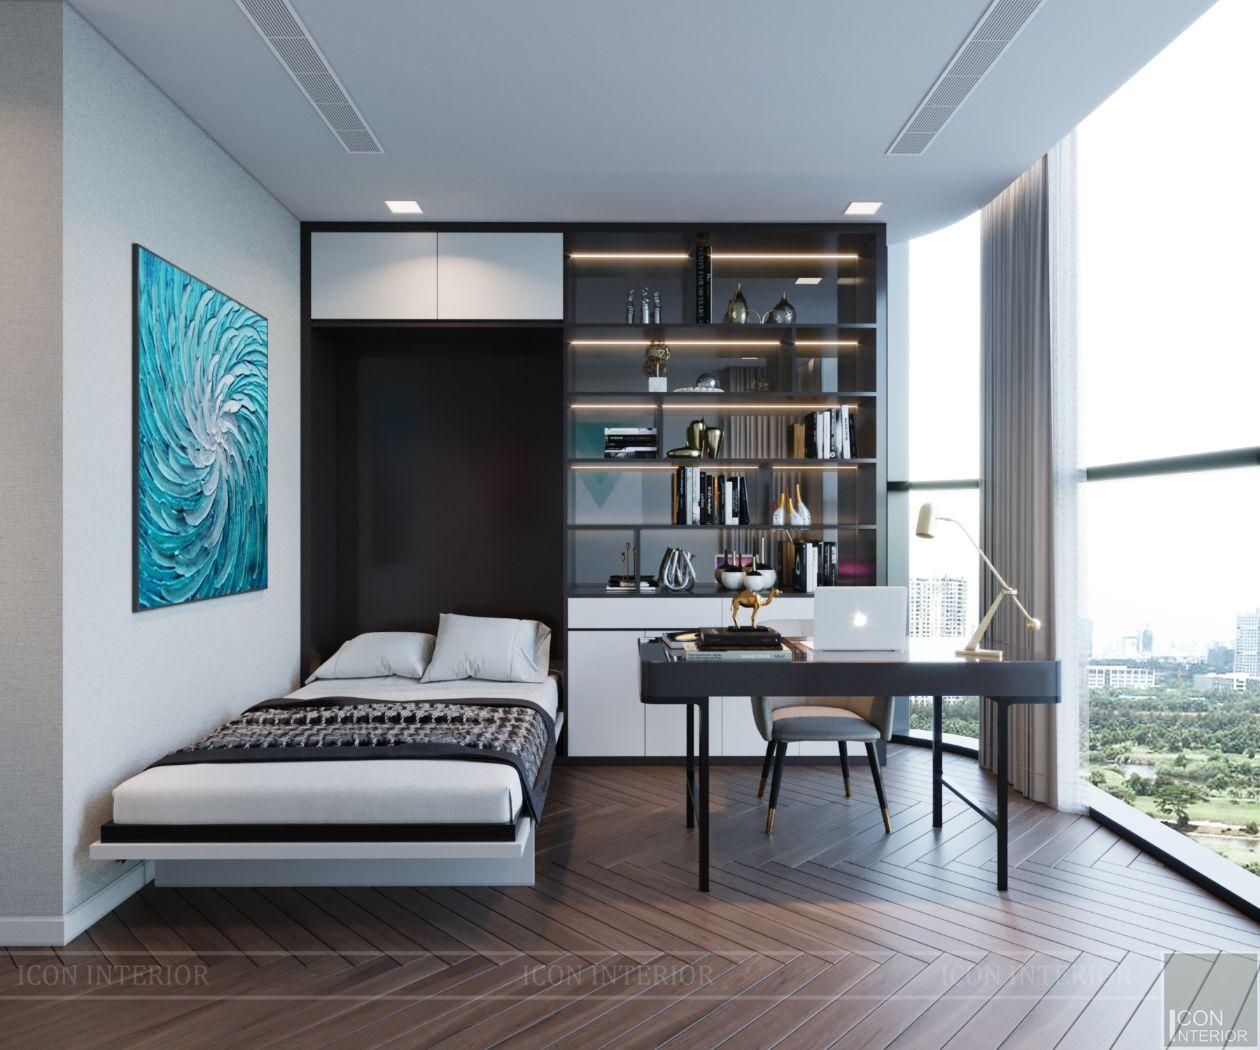 thiết kế căn hộ 4 phòng ngủ landmark 81 - phòng đa năng 2